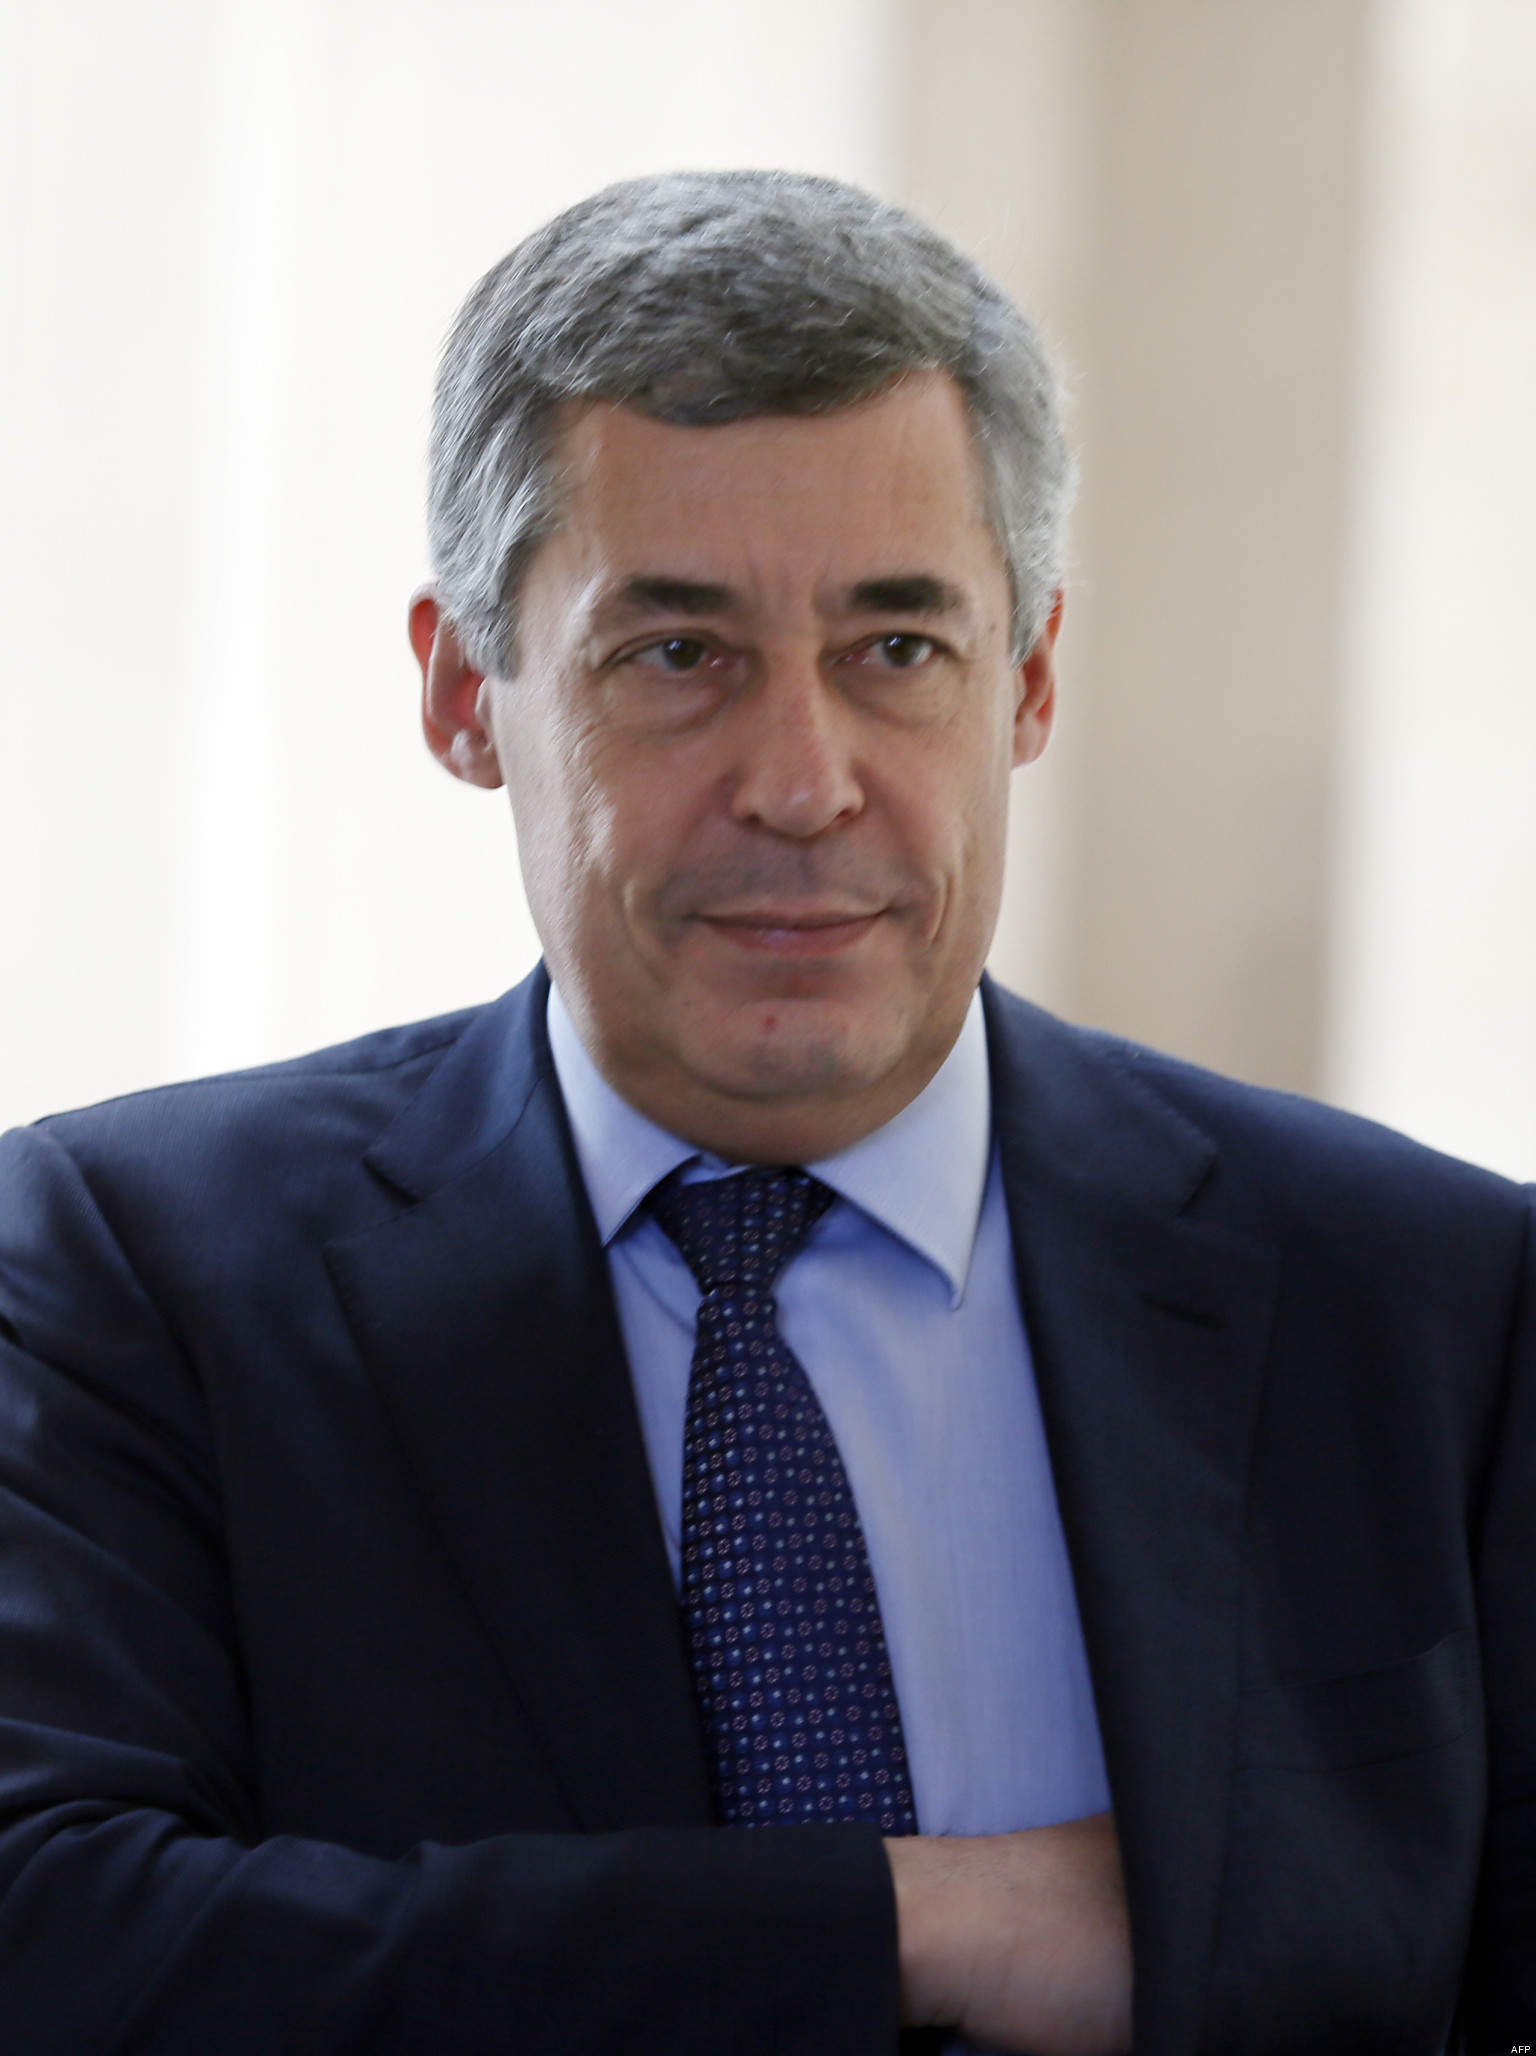 Henri Guaino candidat aux éléctions présidentielles de 2017